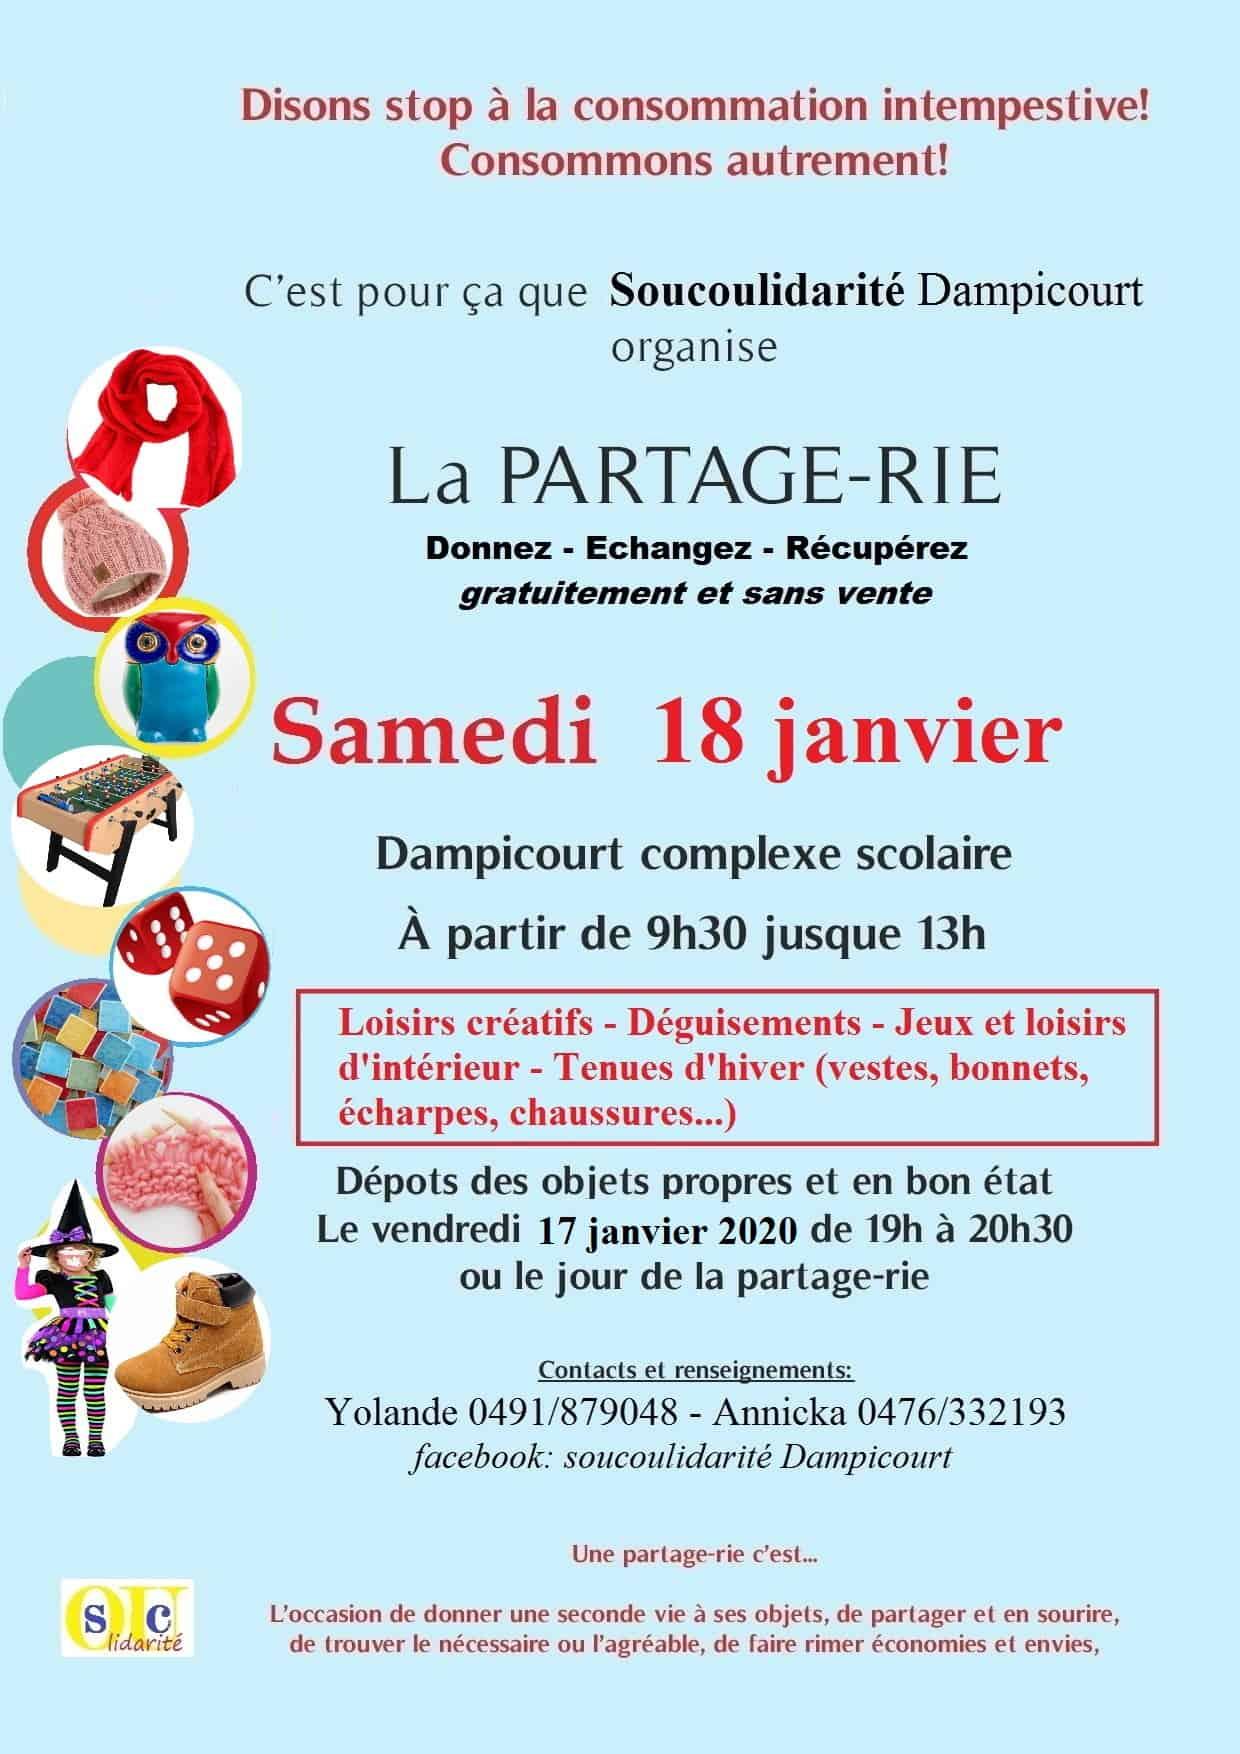 Dampicourt : Partage-Rie de janvier